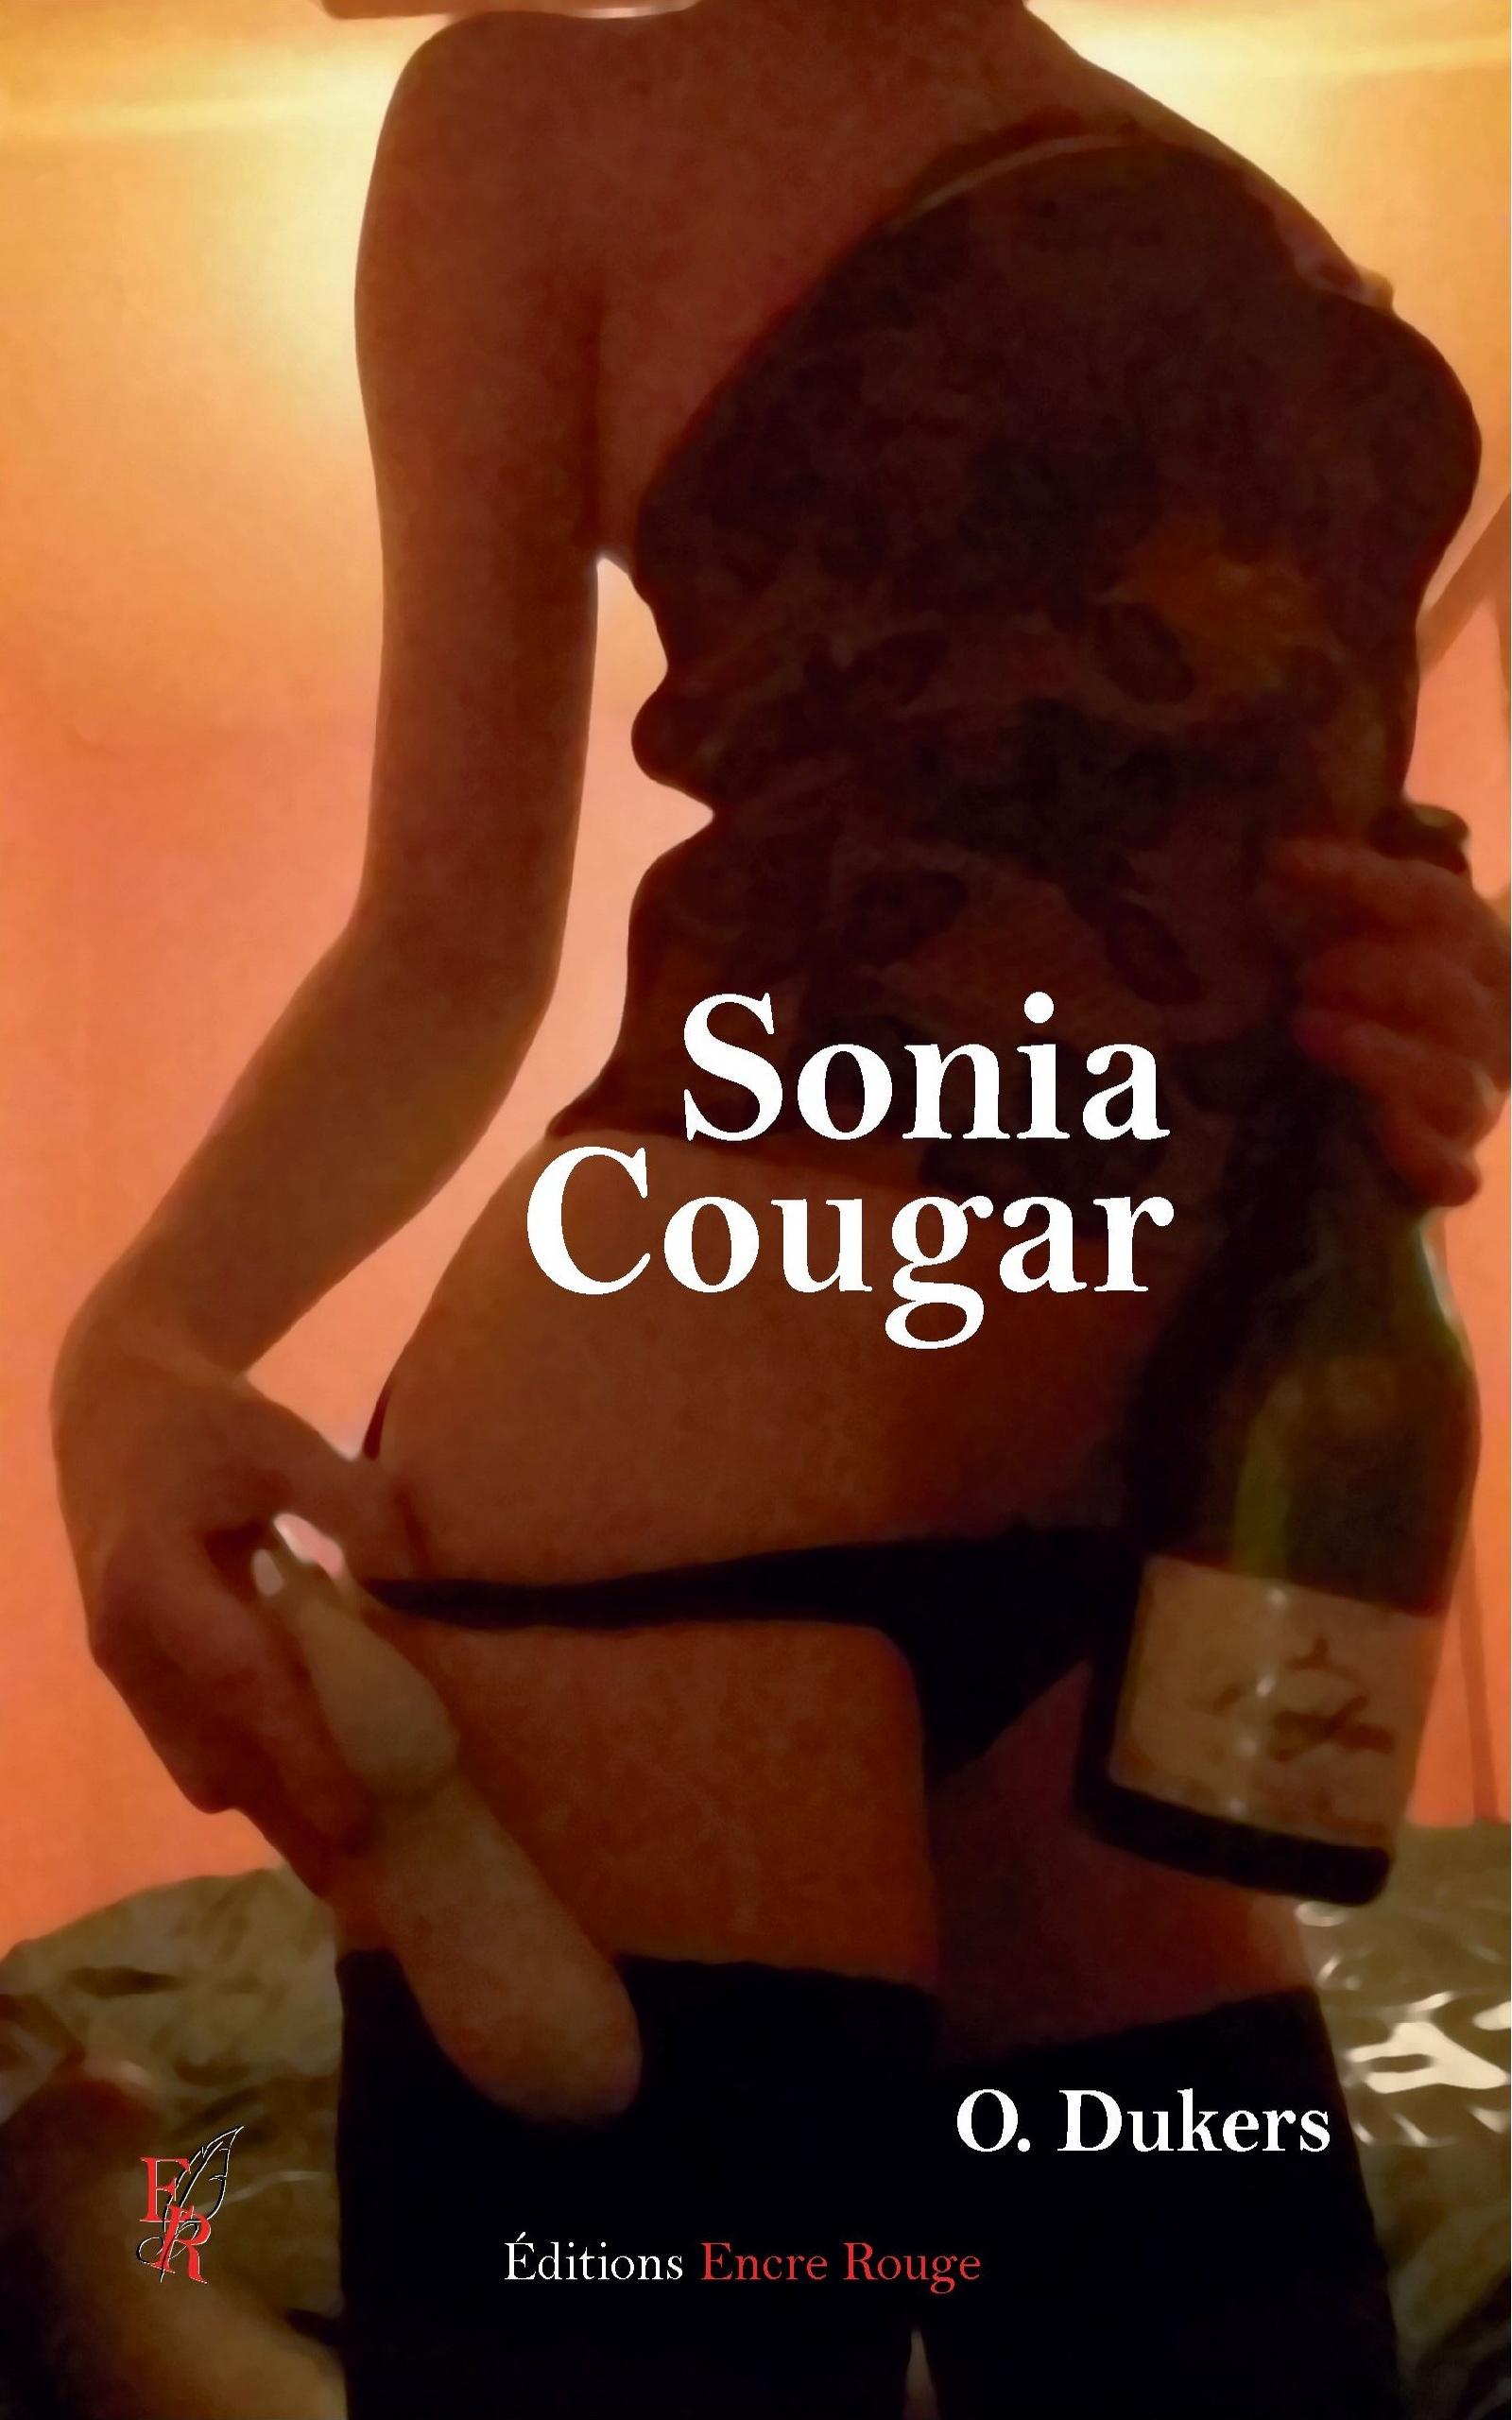 Sonia Cougar, UNE NOUVELLE ÉROTIQUE DRÔLE ET CROUSTILLANTE